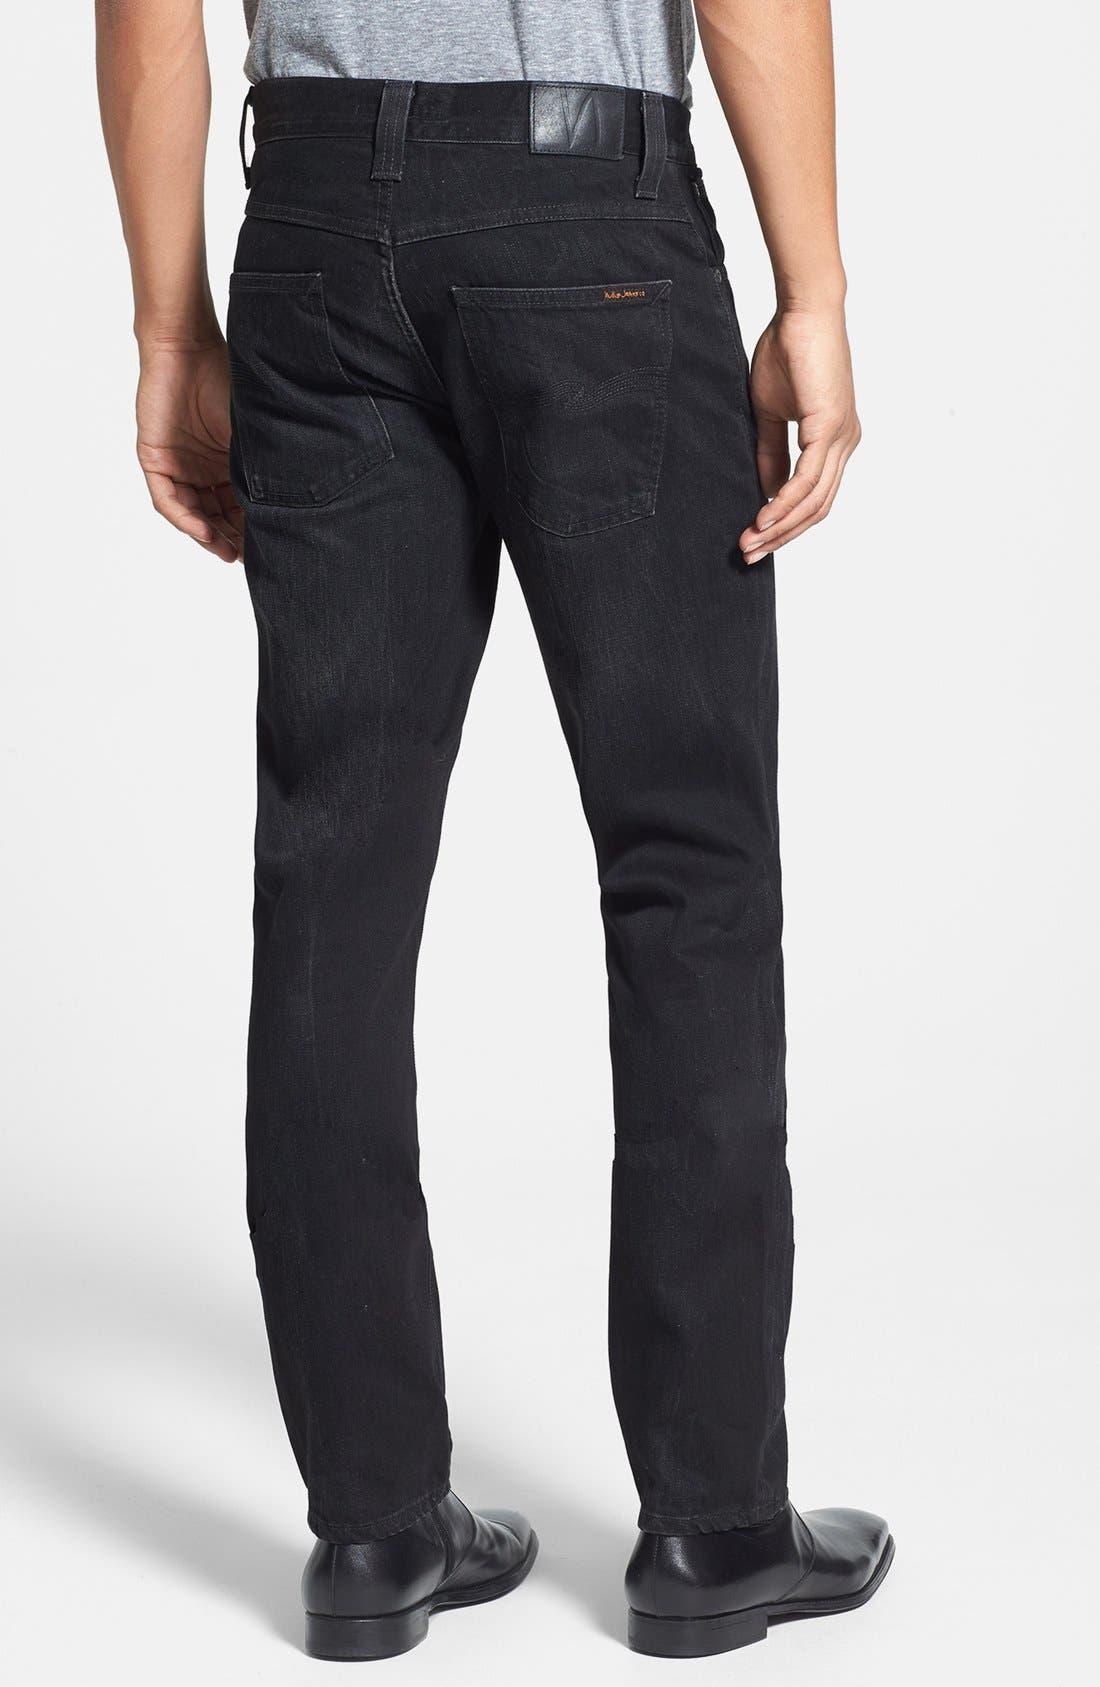 Alternate Image 2  - Nudie Jeans 'Grim Tim' Skinny Fit Jeans (Organic Black Grease)